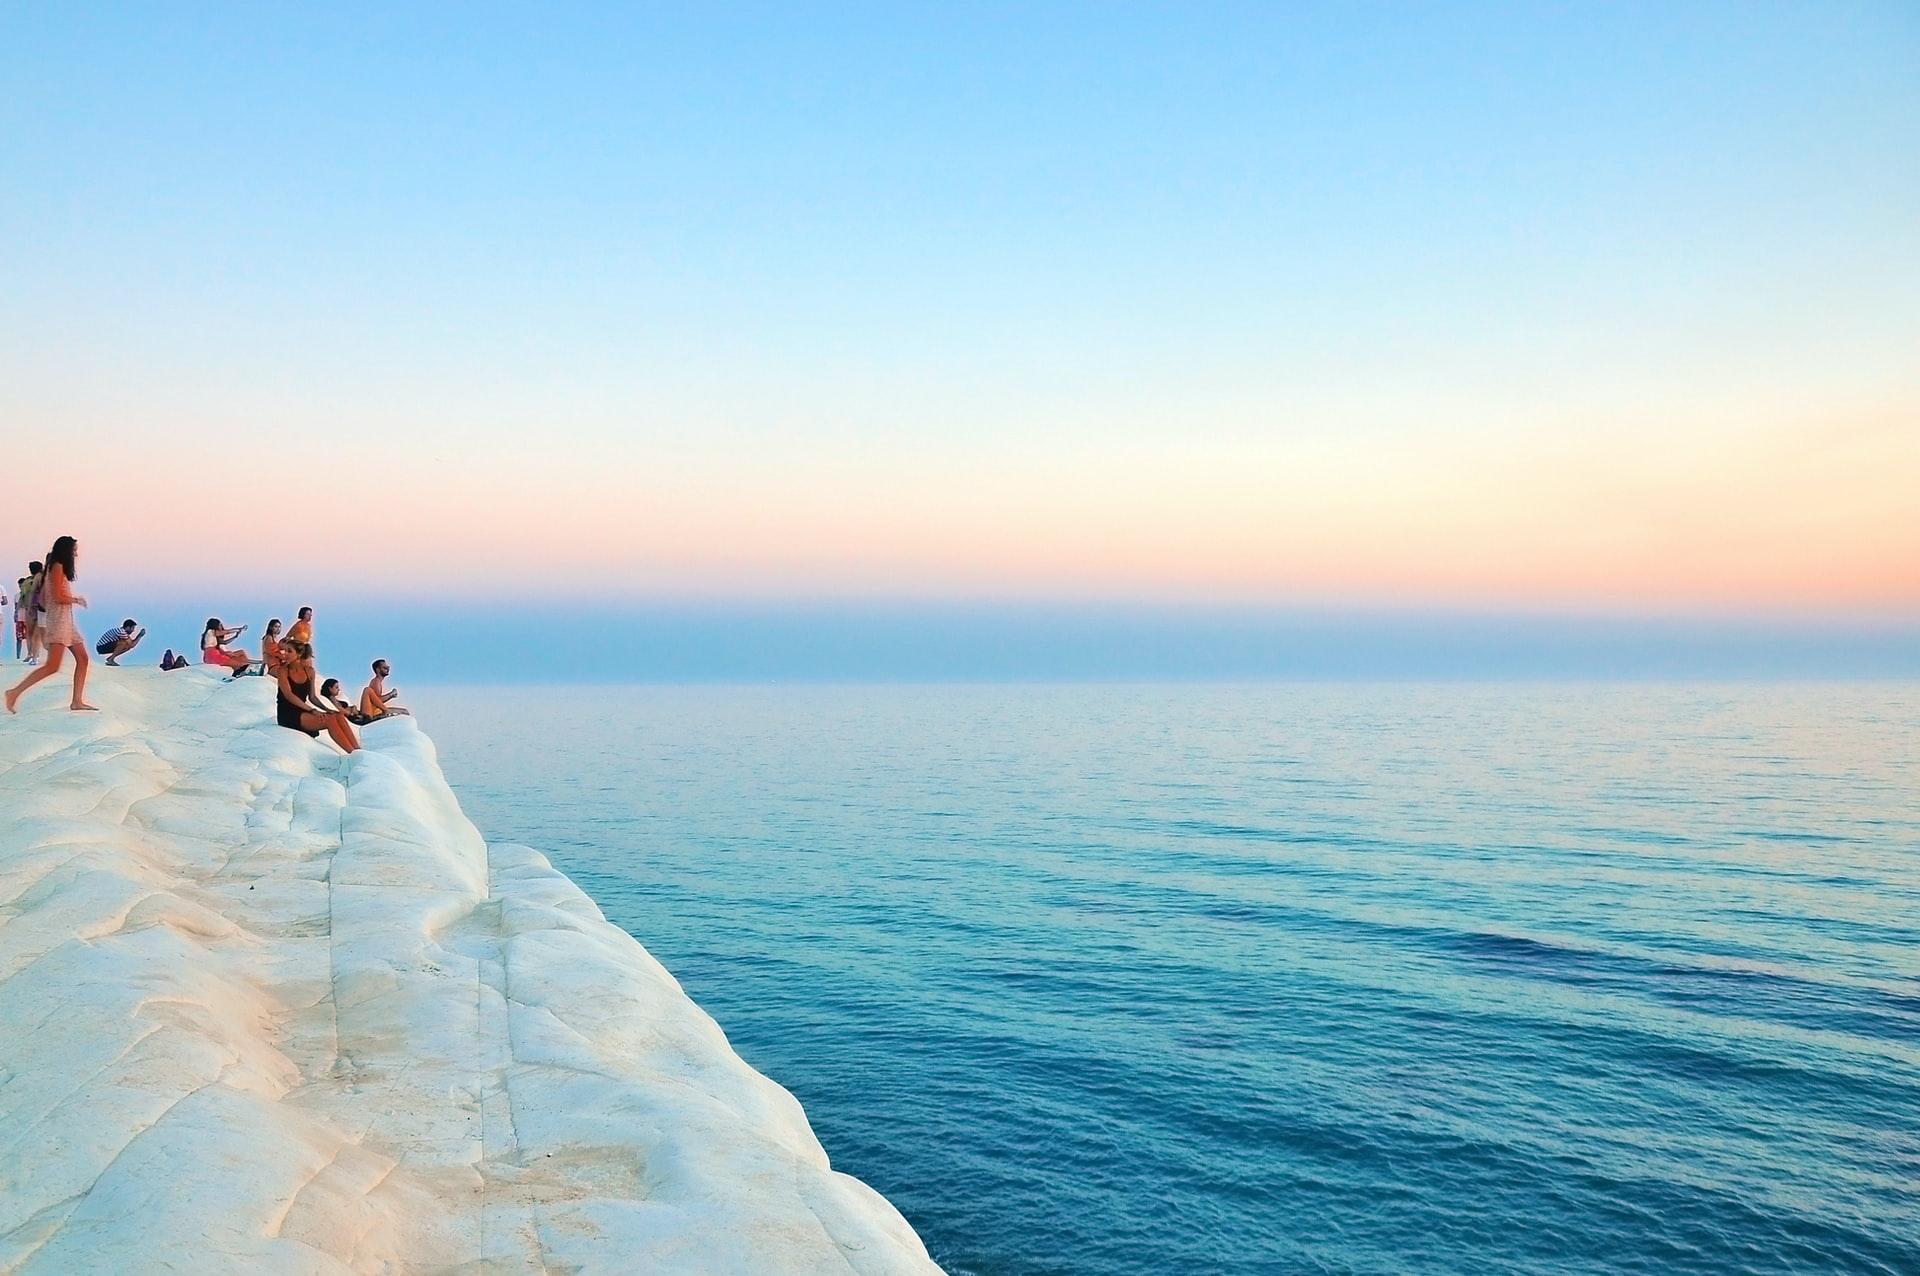 La Scala dei Turchi di Realmonte nella Top 10 delle migliori spiagge italiane